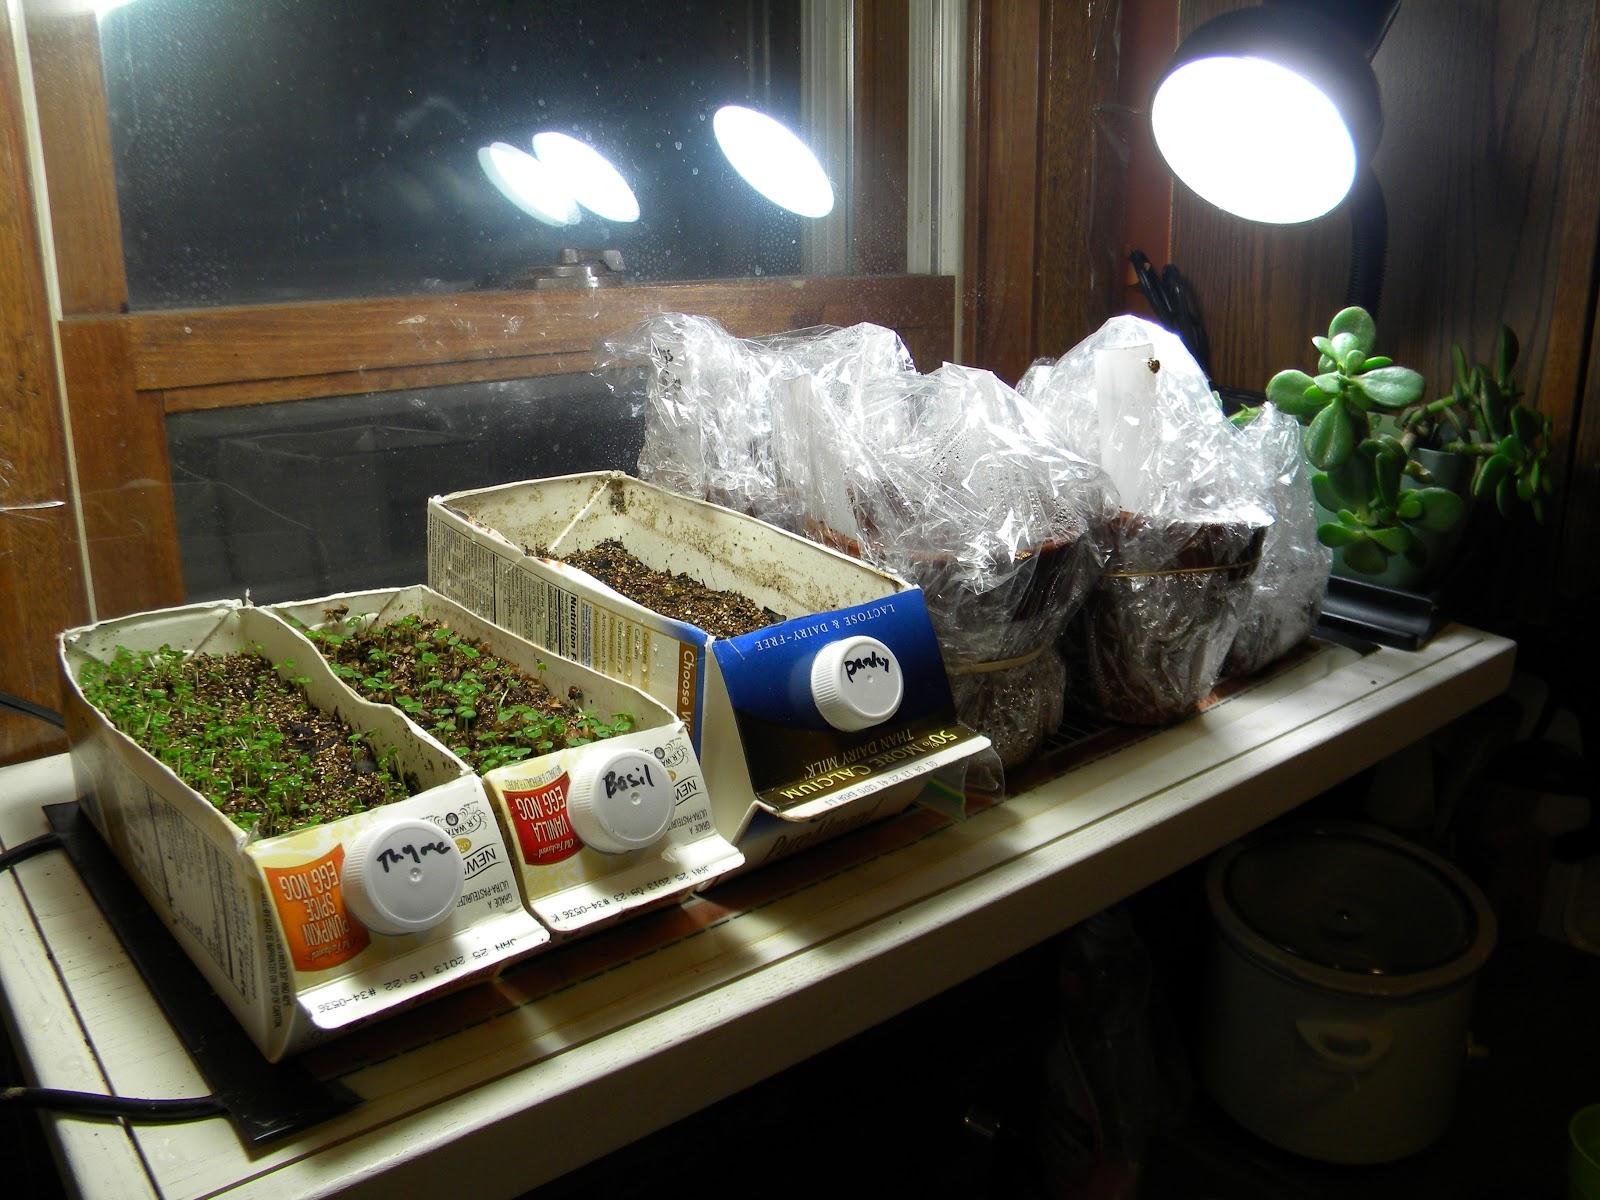 indoor kitchen garden. Recycled Milk Cartons As An Indoor Kitchen Garden D